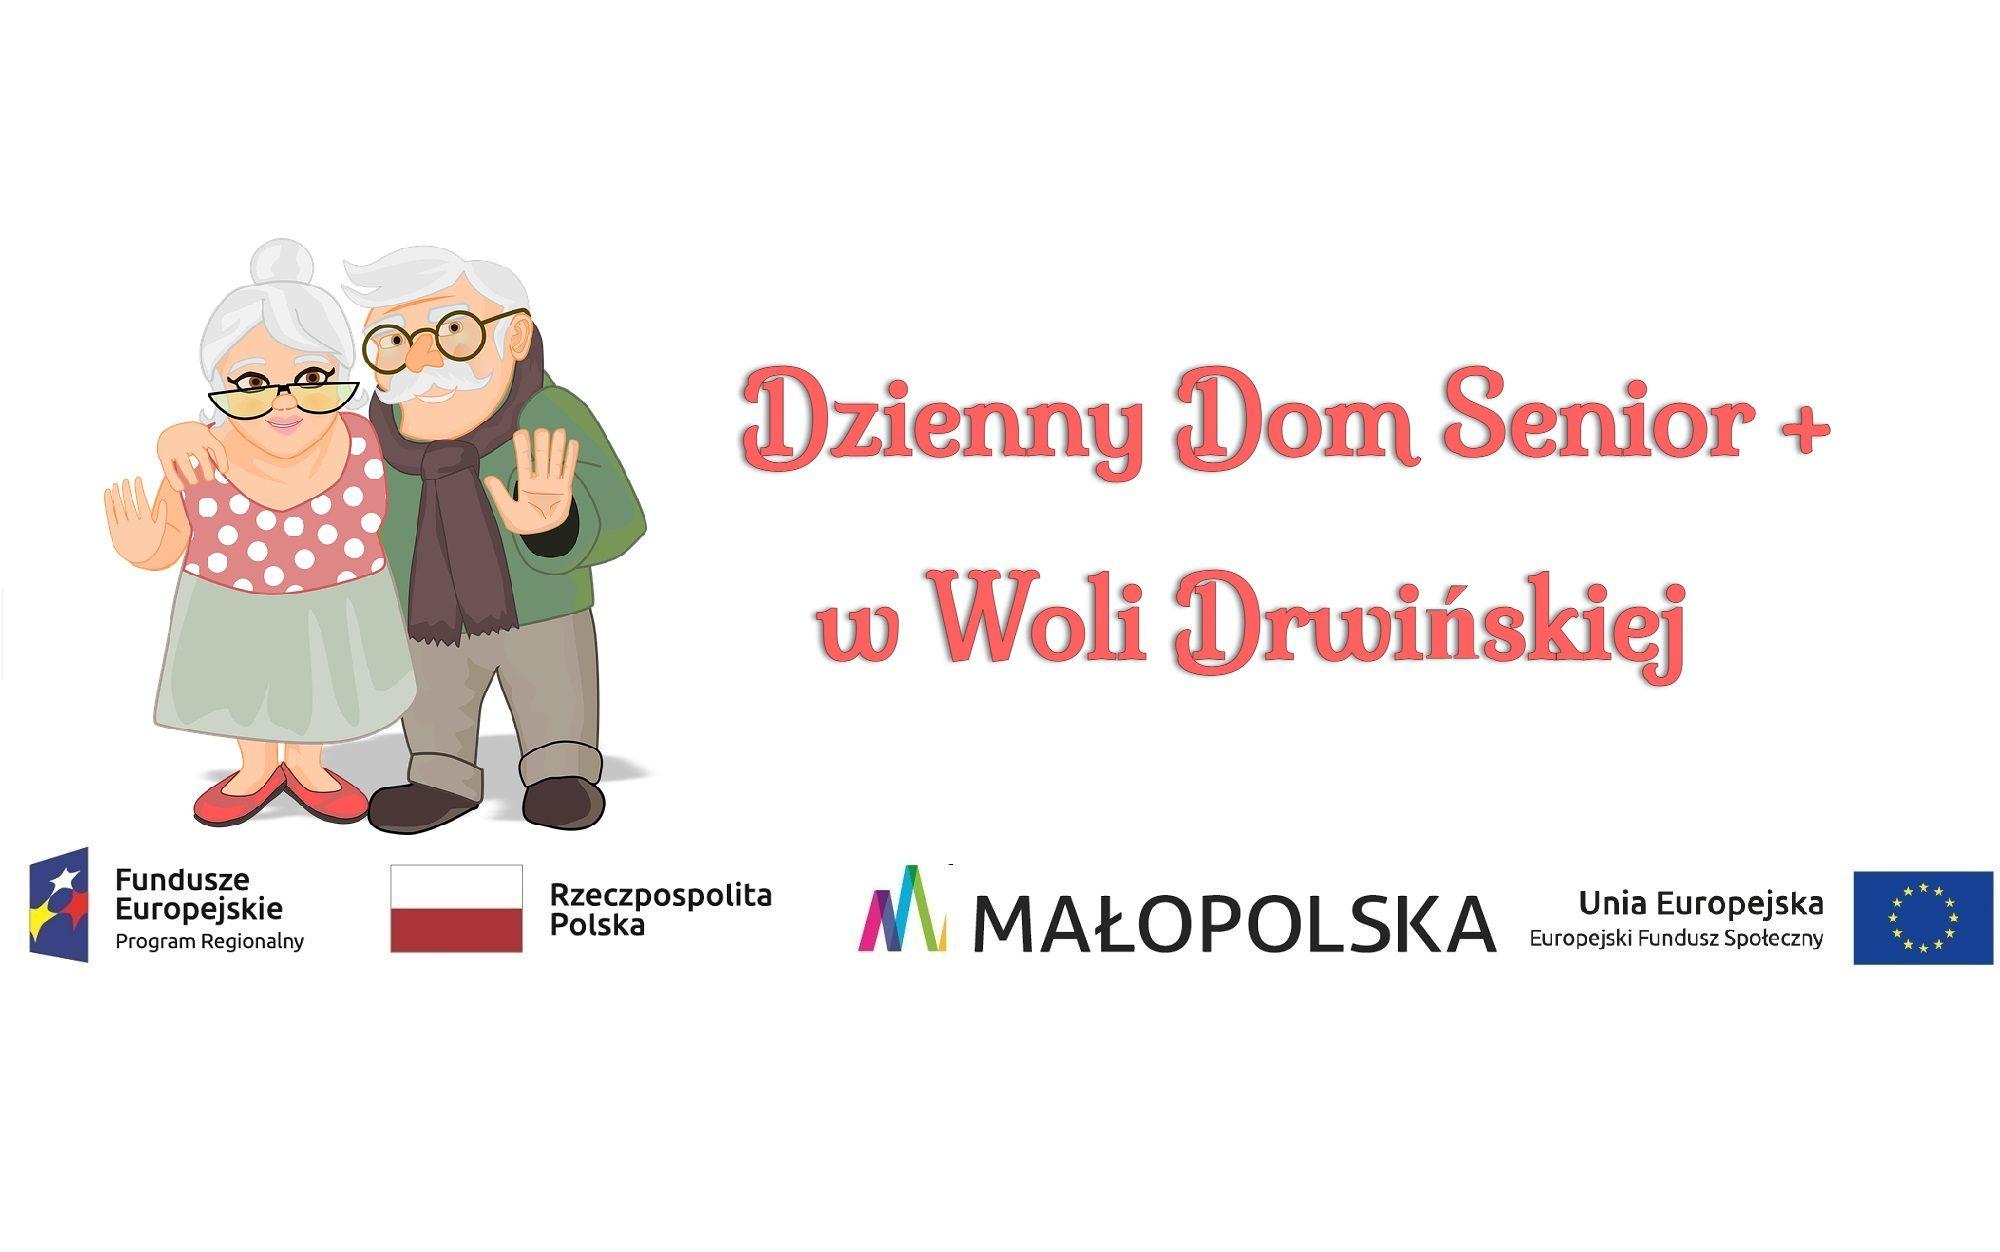 Dzienny Dom Senior + w Woli Drwińskiej